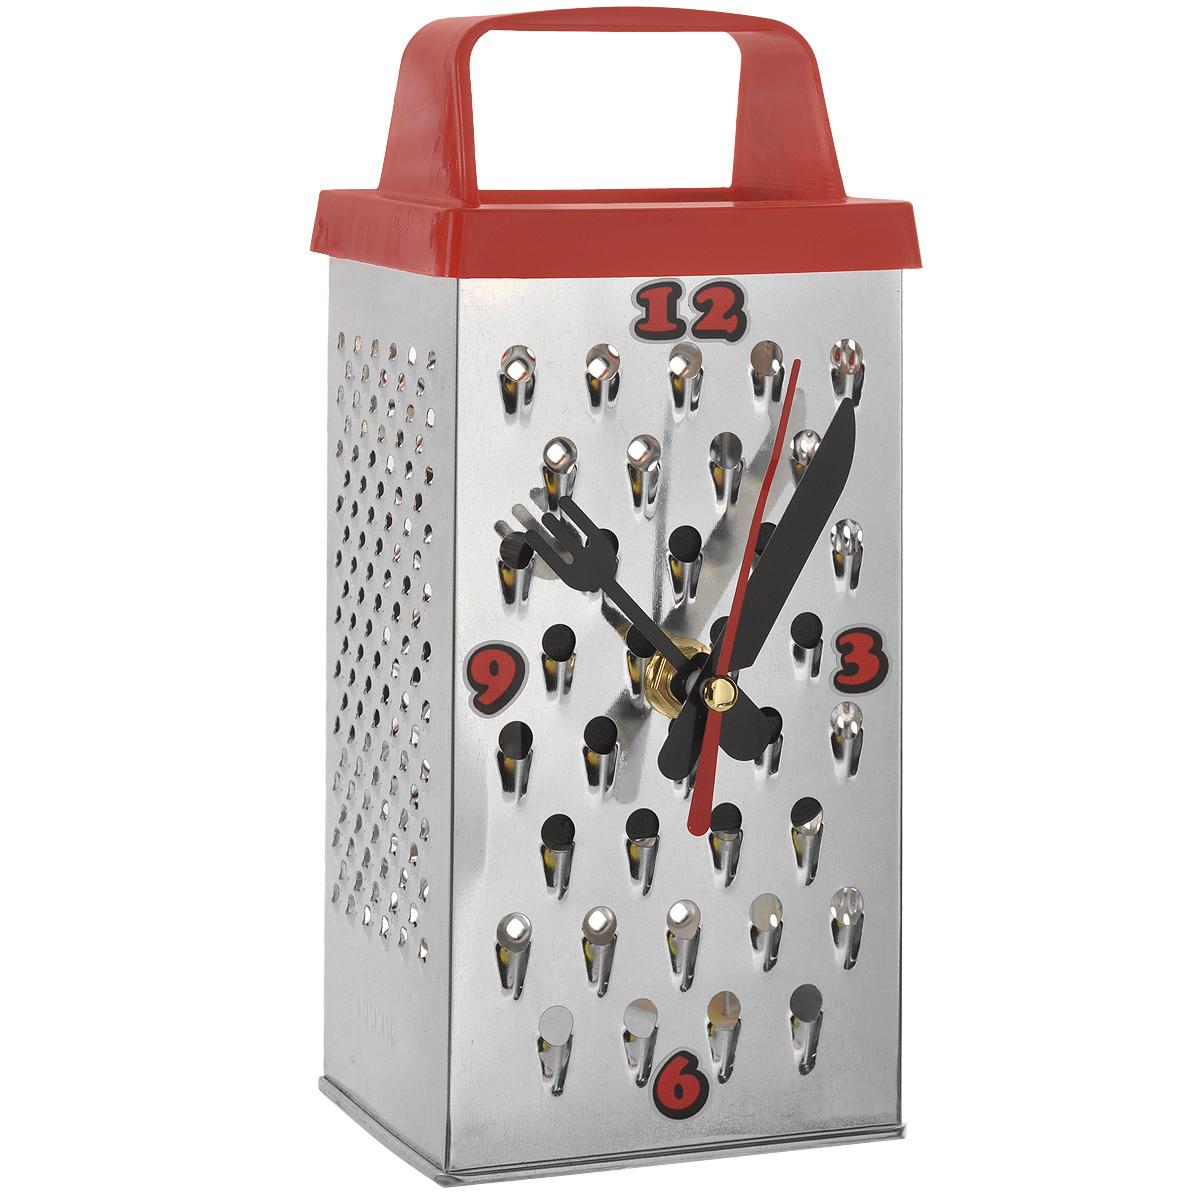 Часы настольные Терка. 9583395833Необычный дизайн настольных кварцевых часов, несомненно, привлечет внимание. Часы изготовлены из металла в виде терки. Такие часы станут отличным интерьерным решением для кухни. Часы оснащены кварцевым механизмом и имеют три стрелки. Часы-терка снабжены отверстиями, для использования изделия в качестве настоящей терки. Стильный дизайн и функциональность порадуют и удивят любую хозяйку!